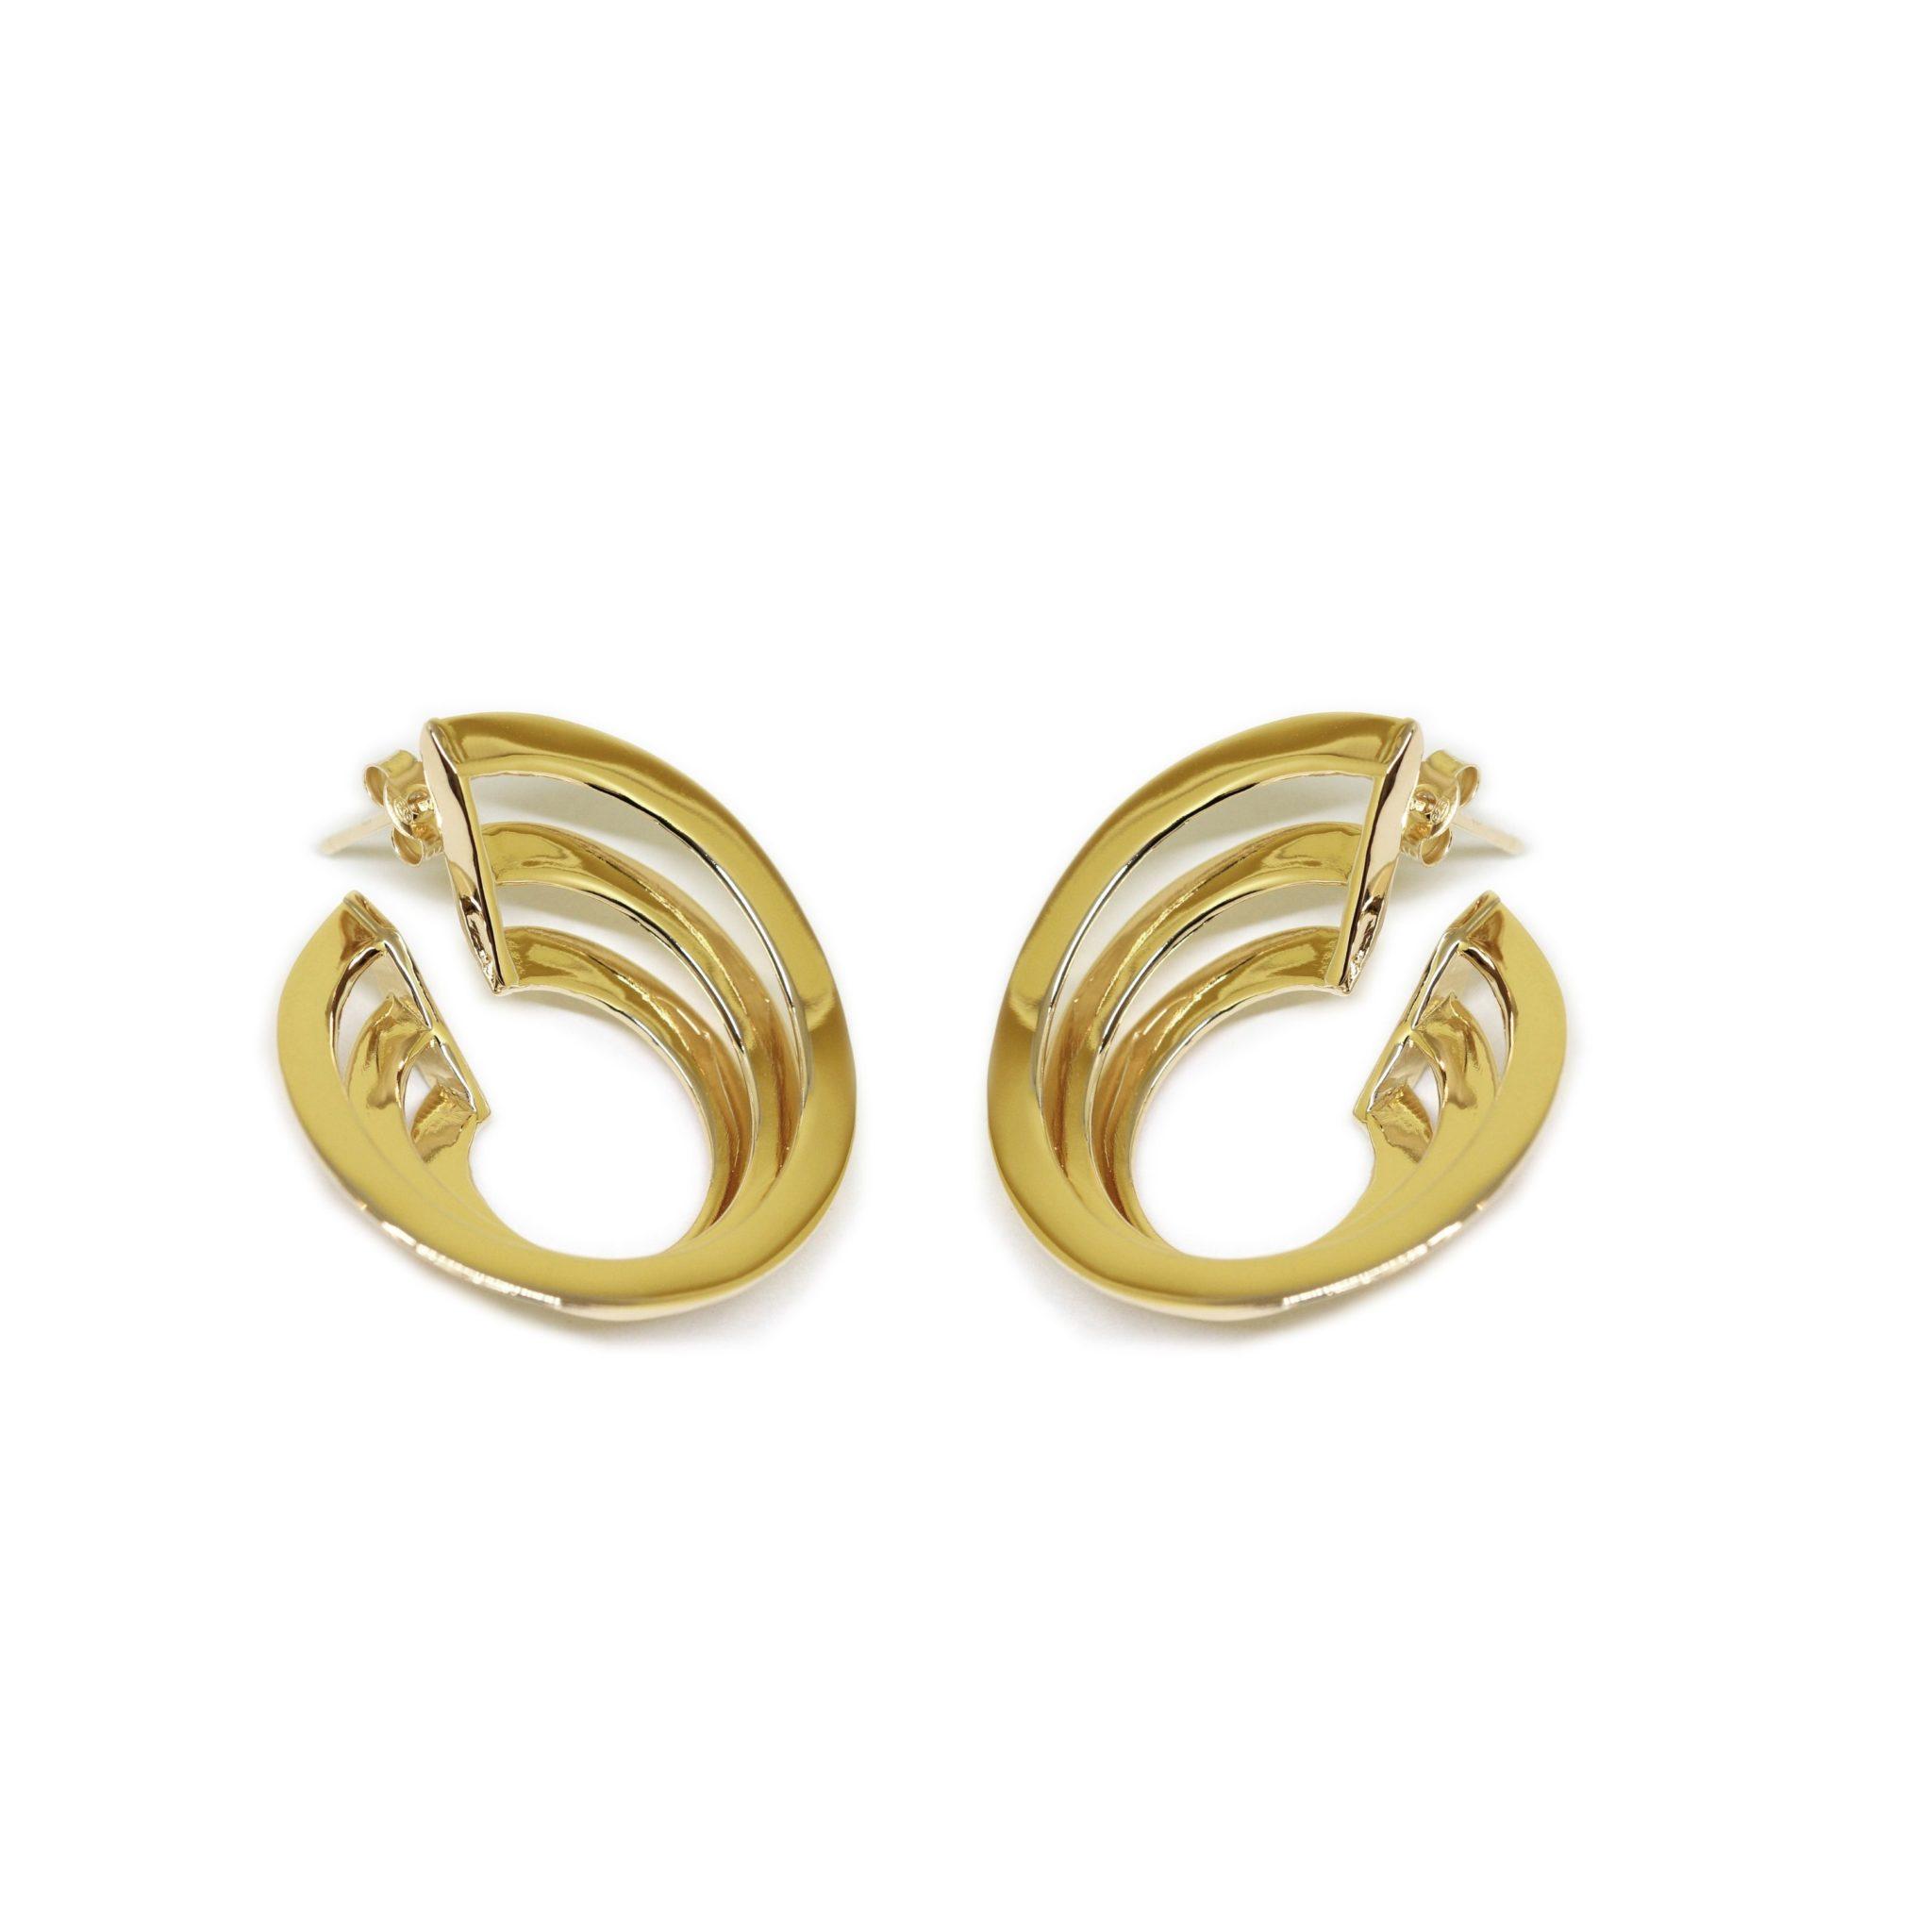 Guggenheim earrings